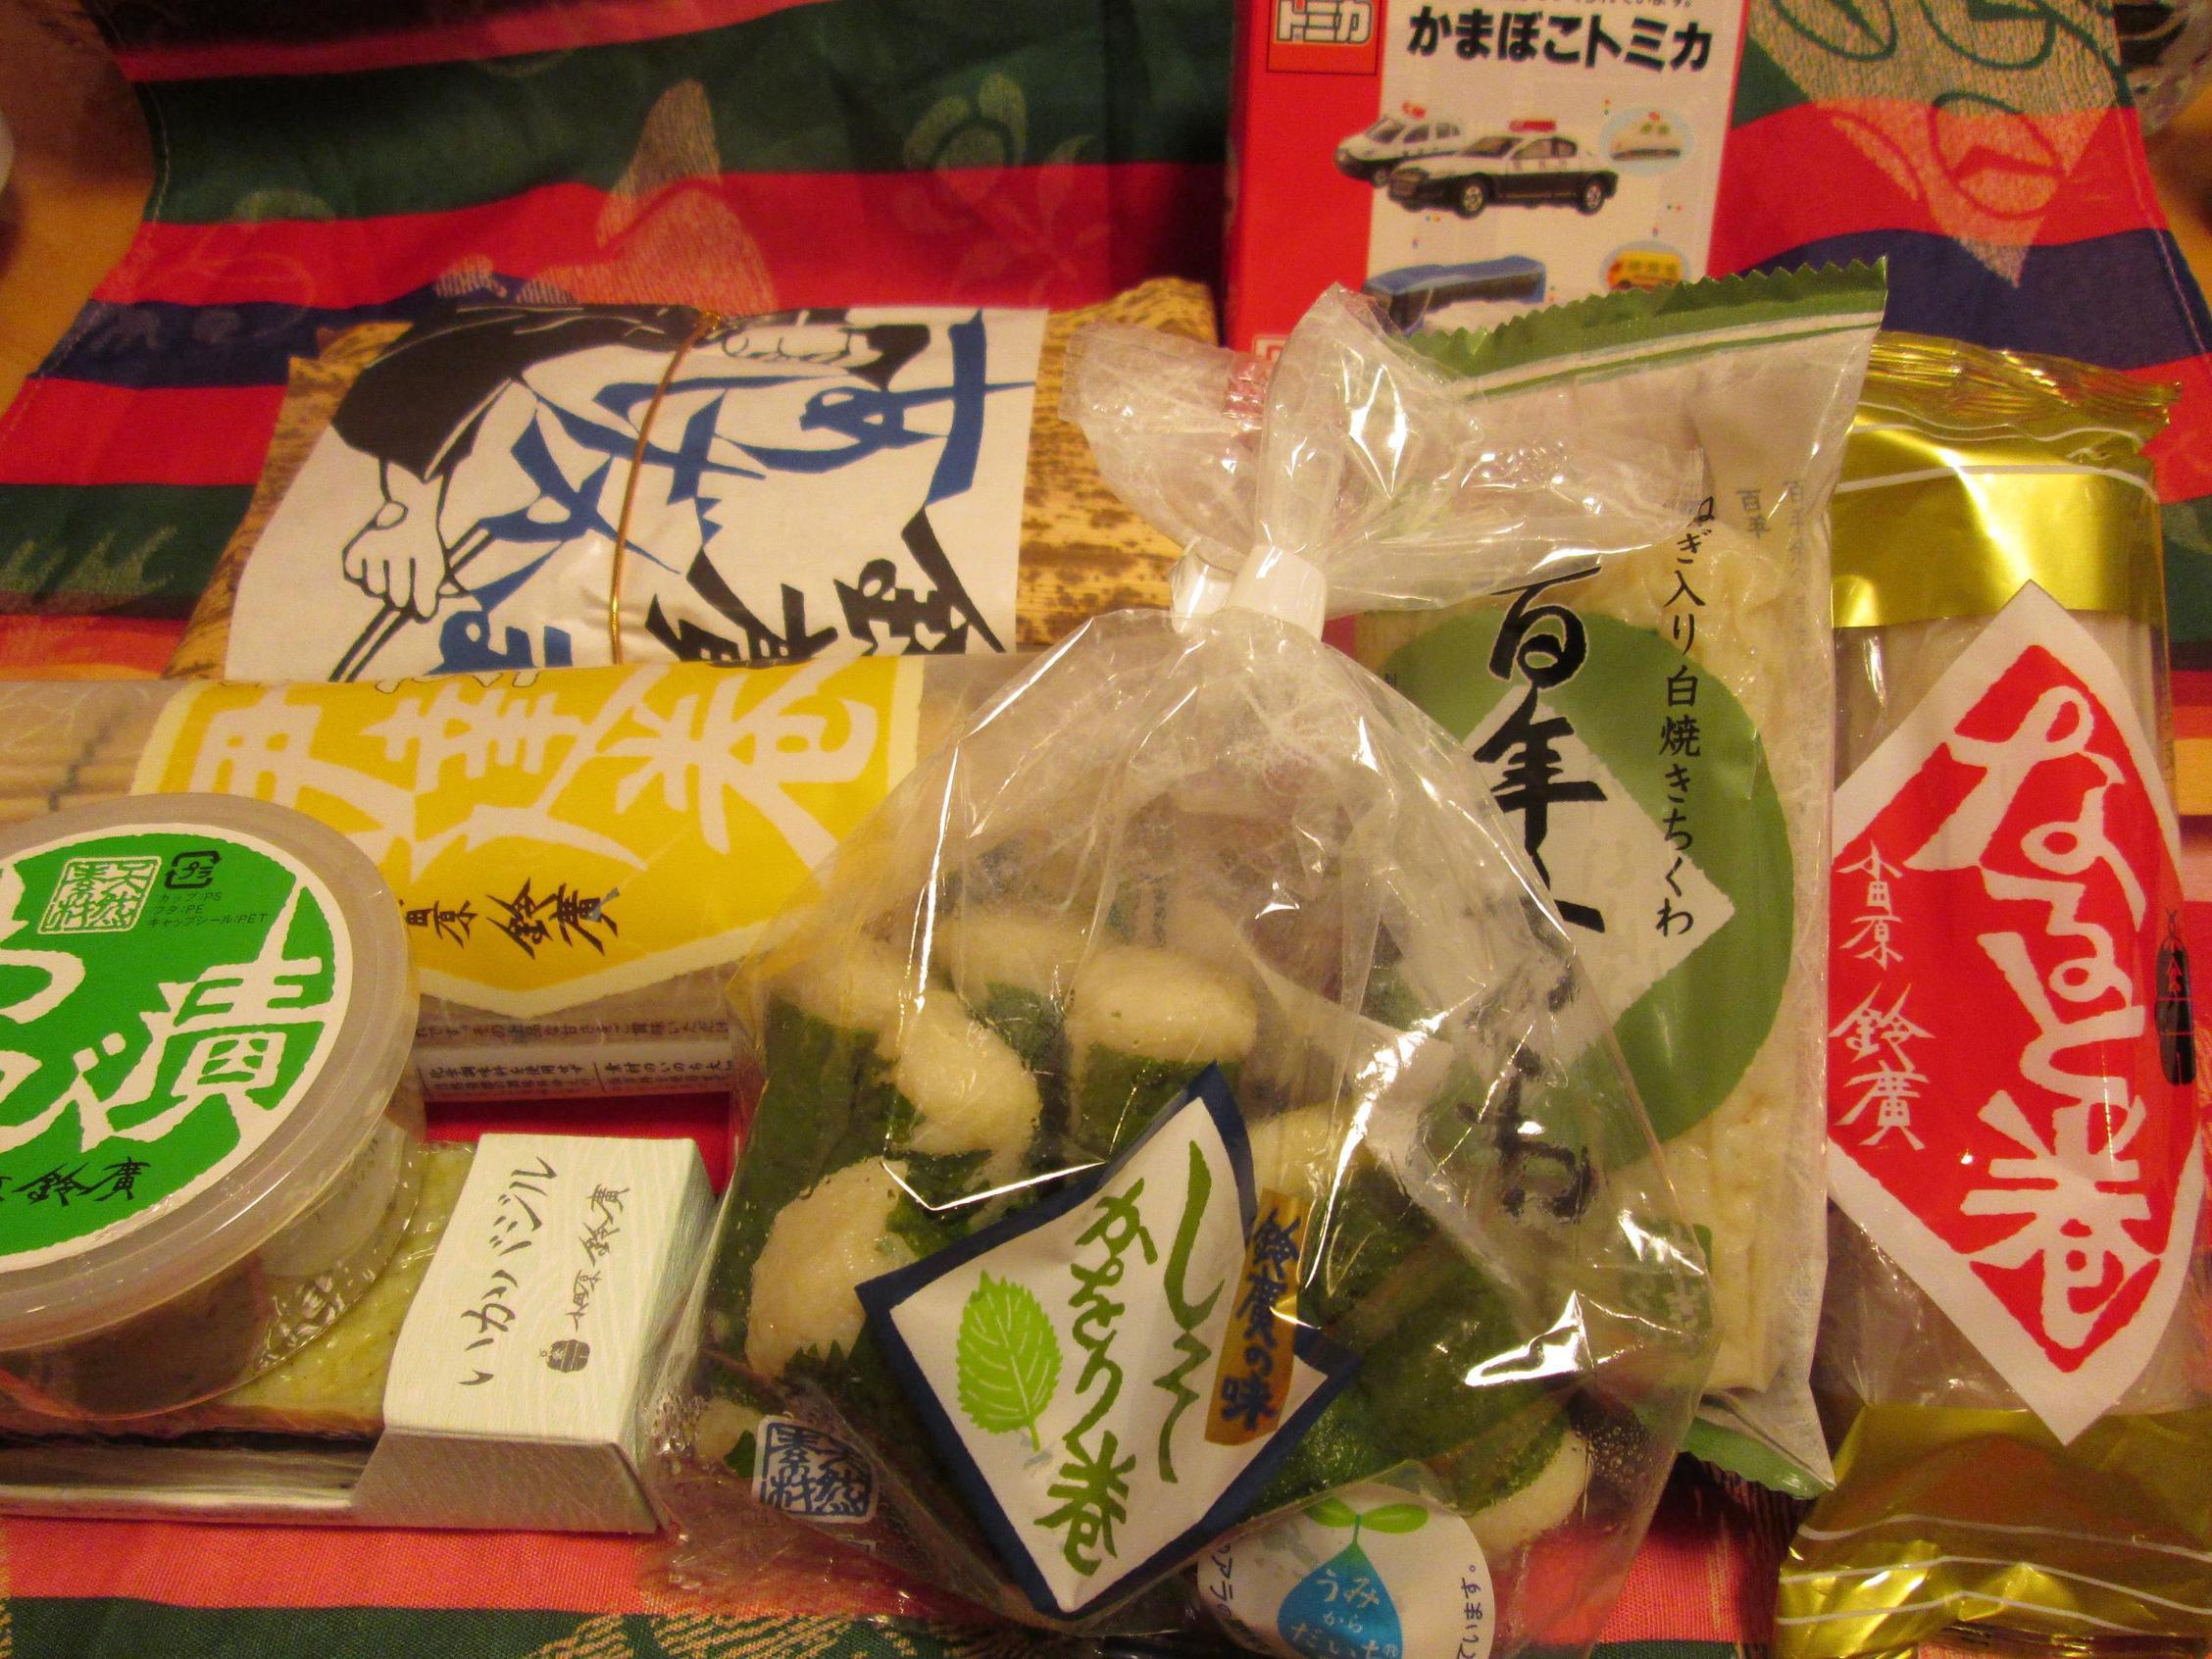 鈴廣かまぼこ 松坂屋上野店